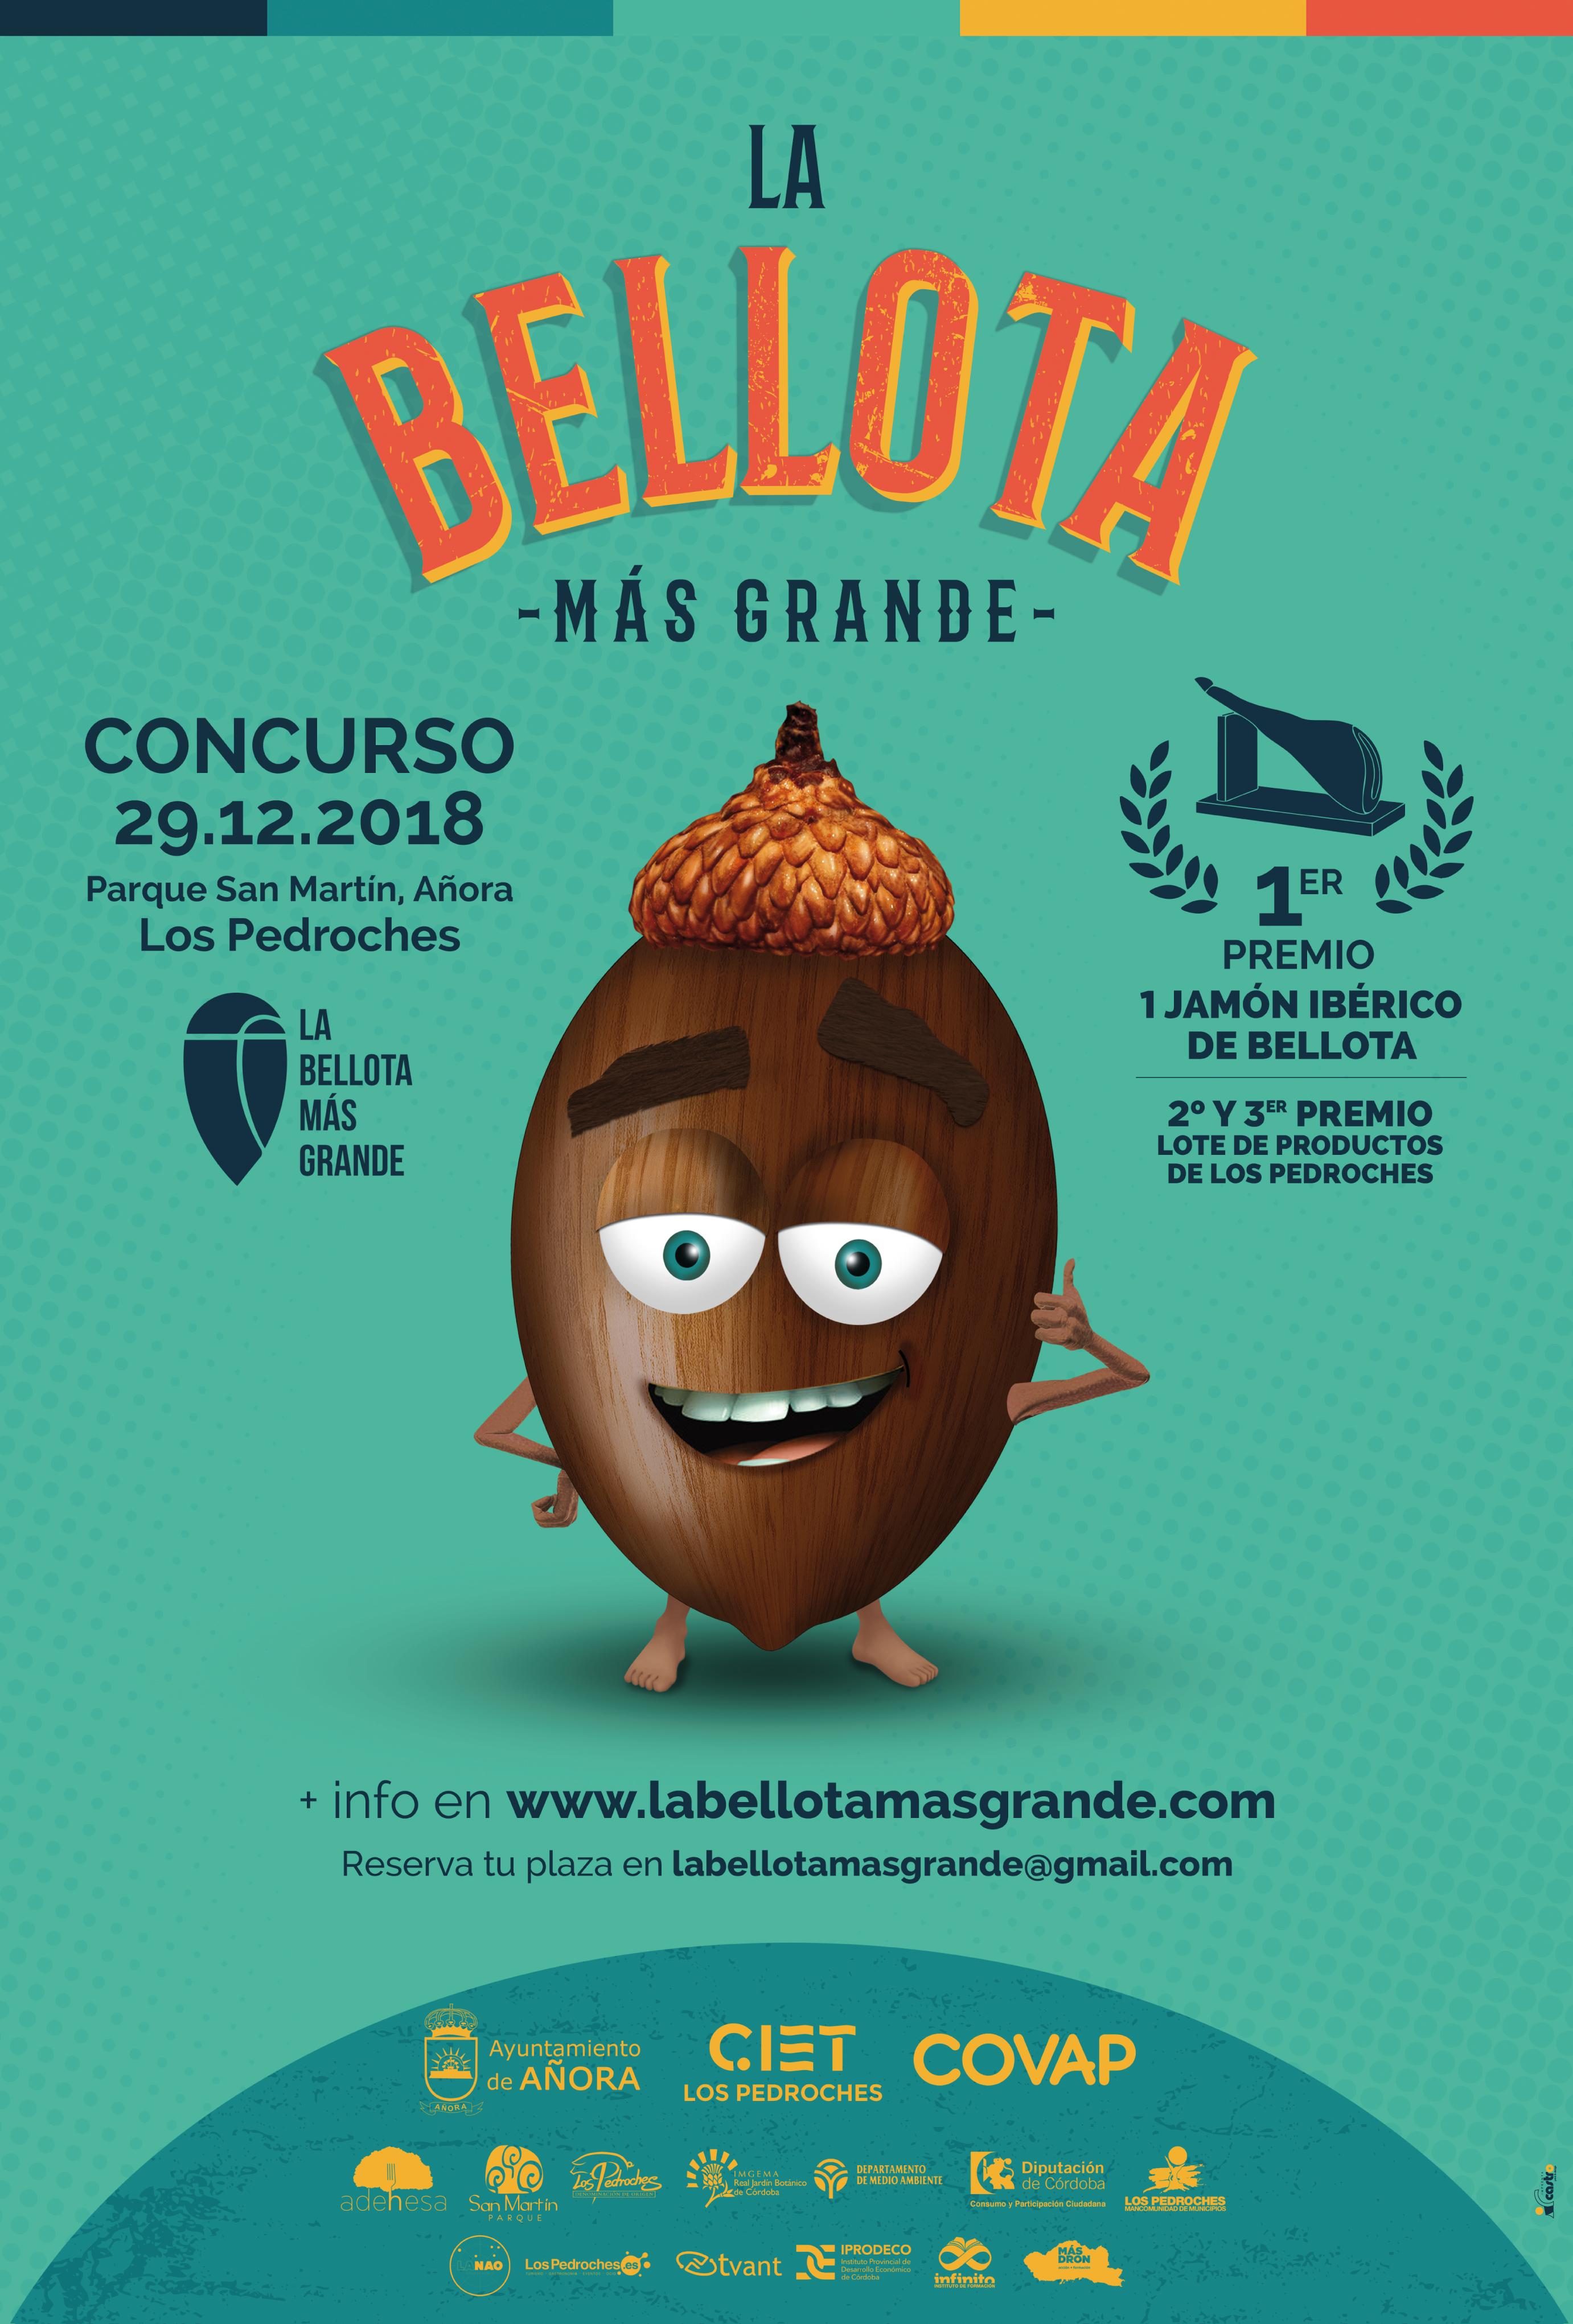 Concurso La Bellota más Grande - Los Pedroches